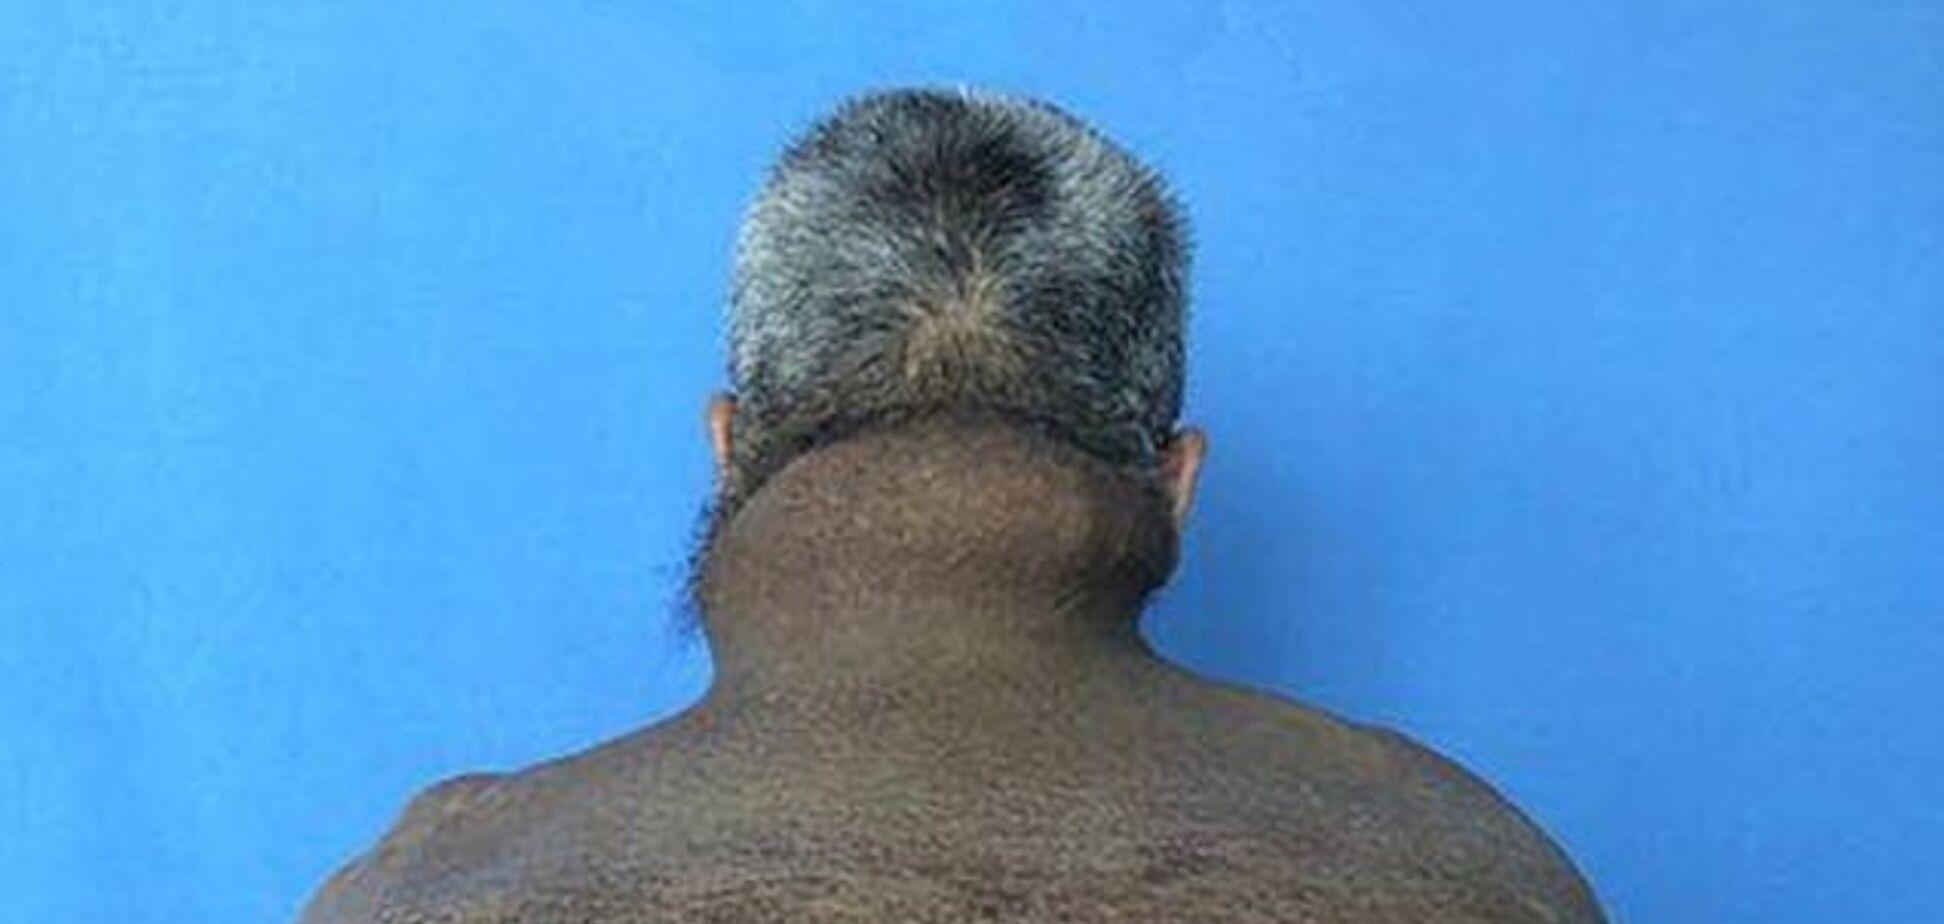 Китаец 30 лет растил 15-килограммовую опухоль: фото 18+